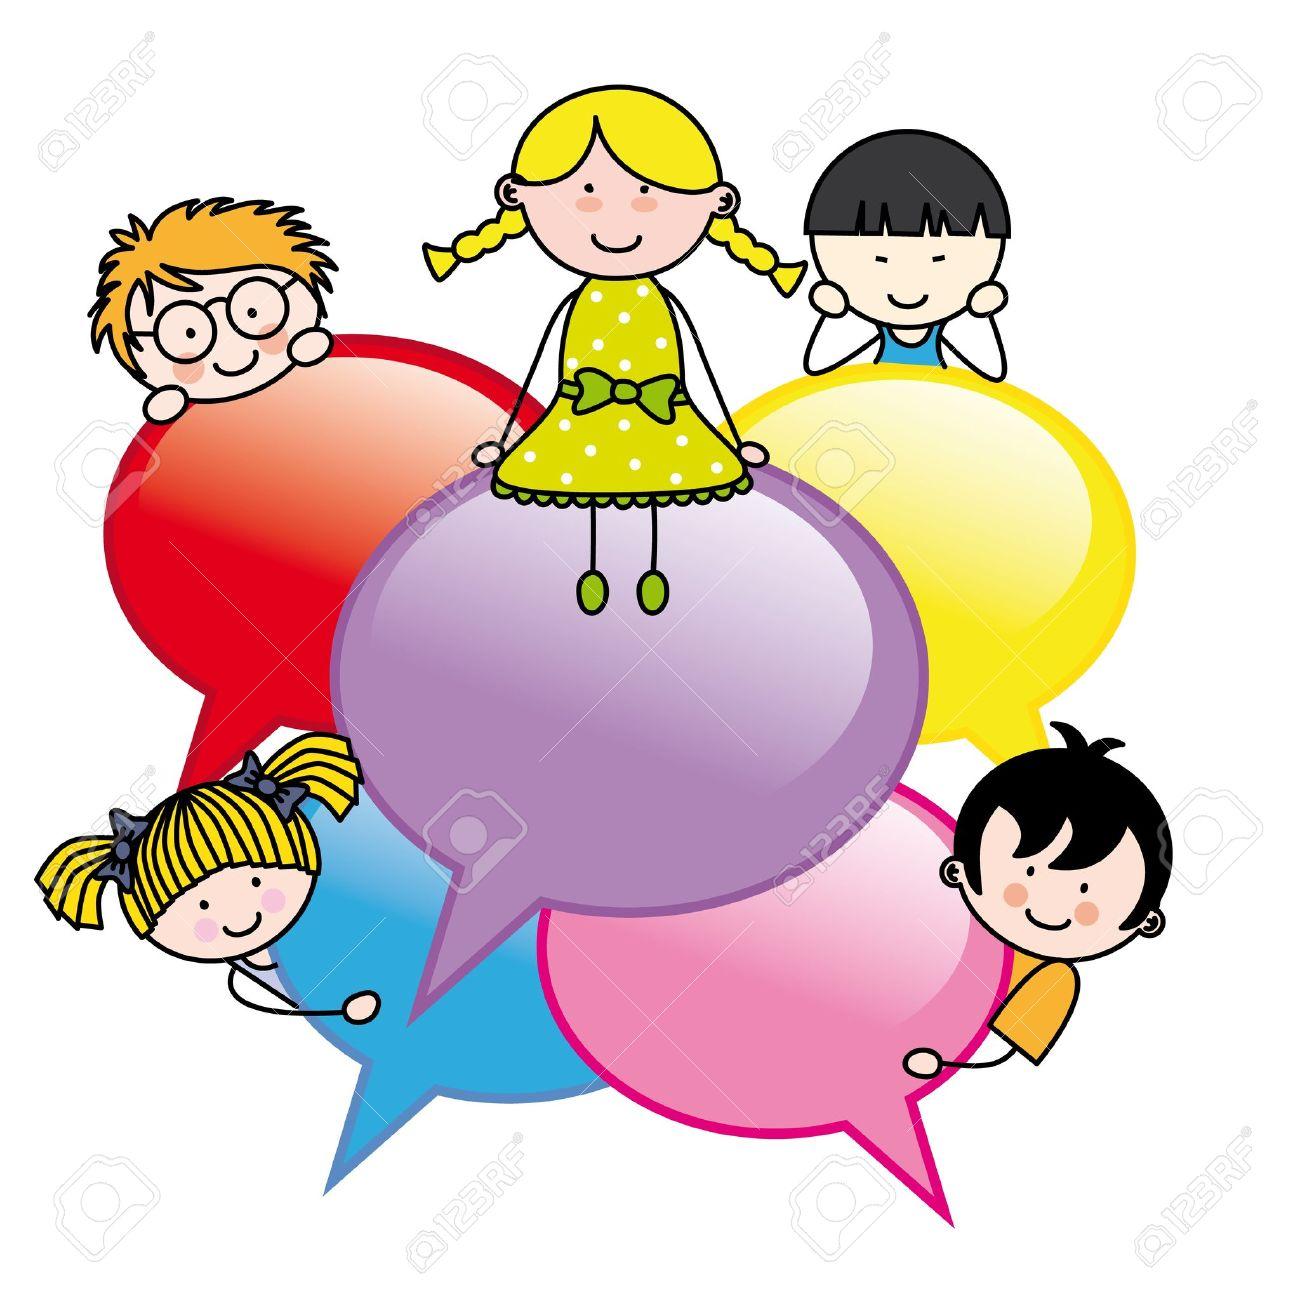 http://previews.123rf.com/images/sbego/sbego1304/sbego130400012/19094289-Children-with-dialogue-bubbles-Stock-Vector-dialogue-kindergarten.jpg